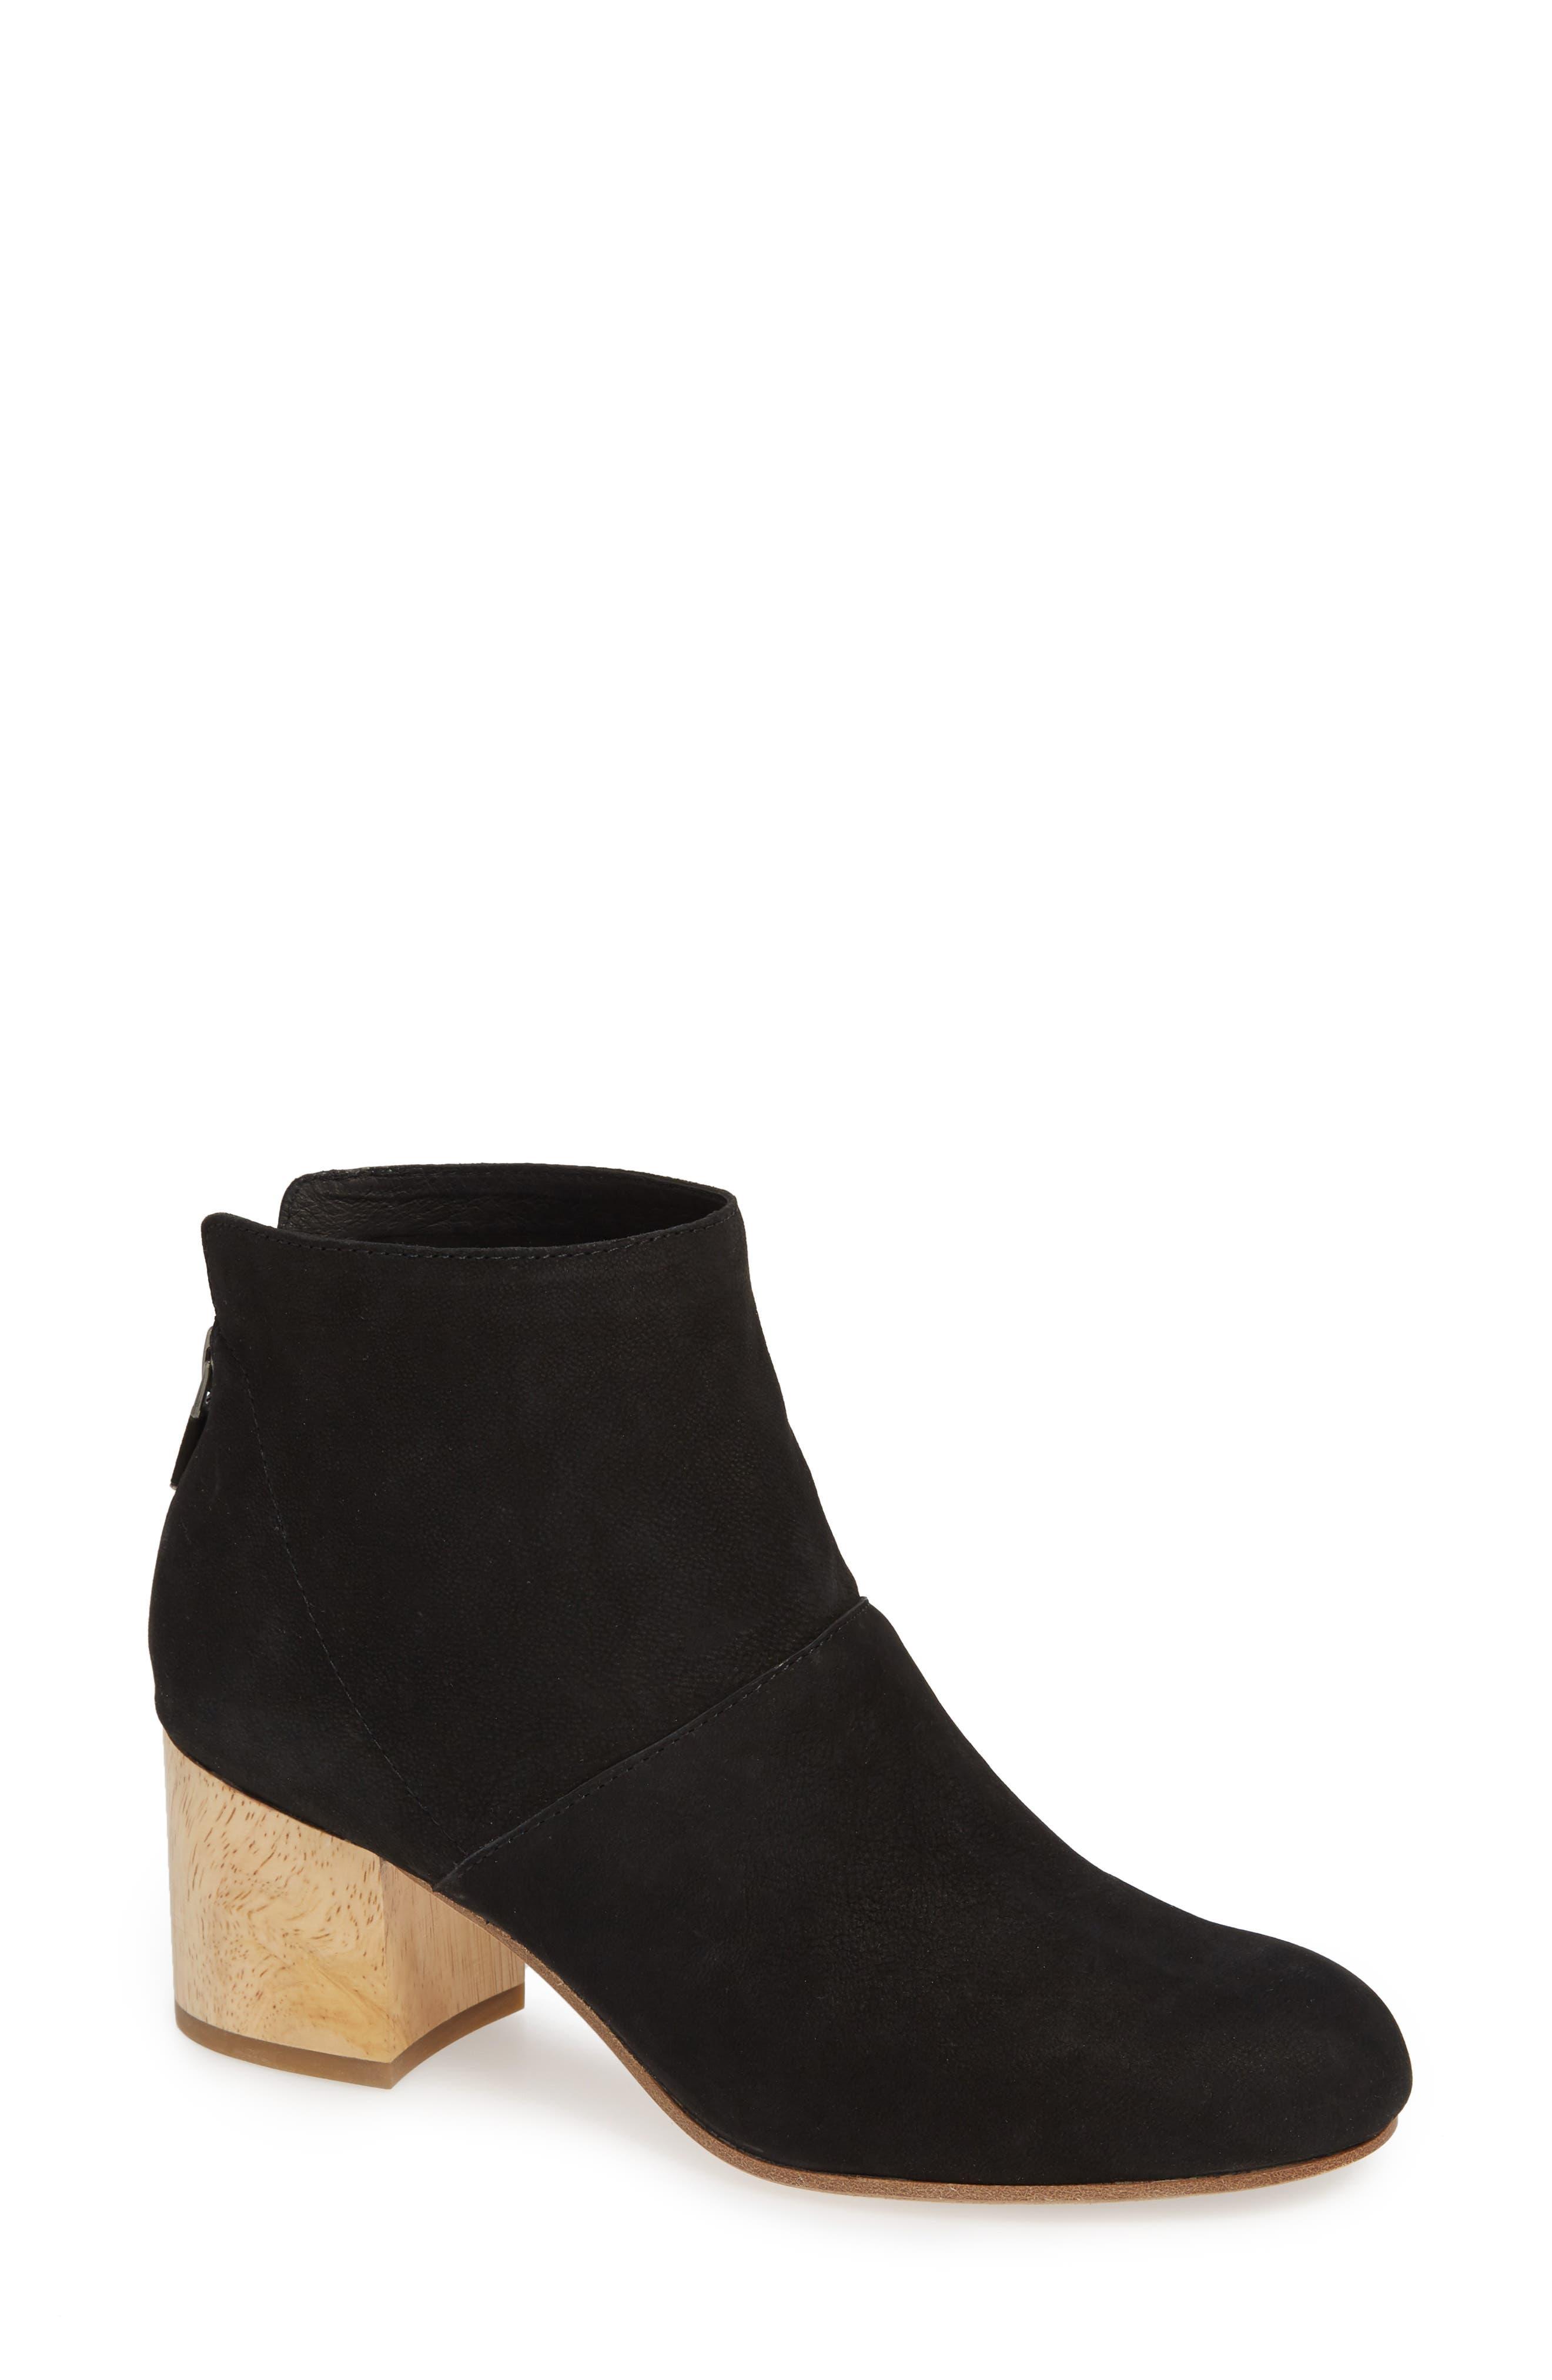 Eileen Fisher Suri Block Heel Bootie, Black